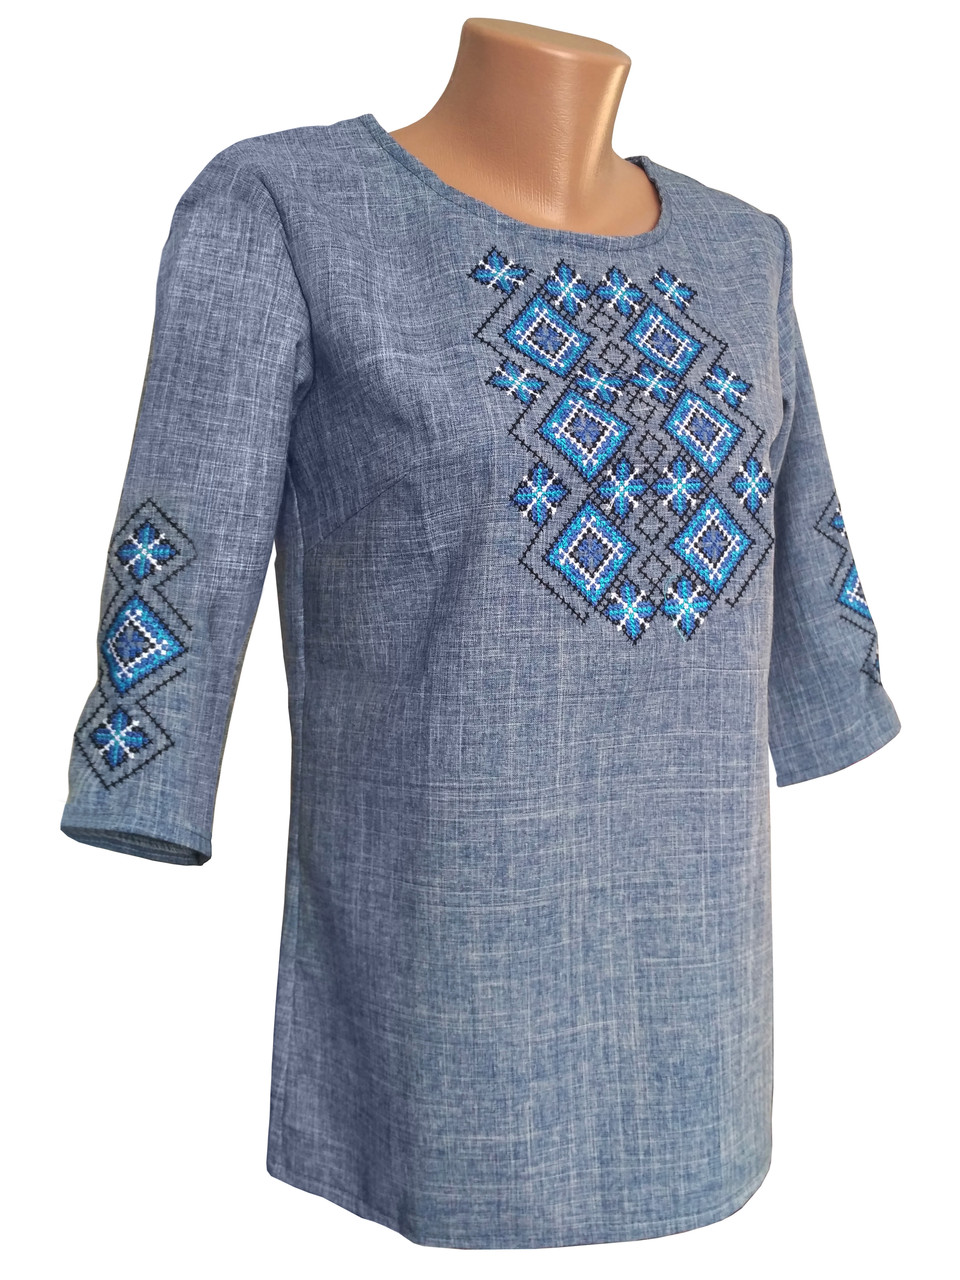 Вишита жіноча блуза у кольорі джинс із геометричним орнаментом